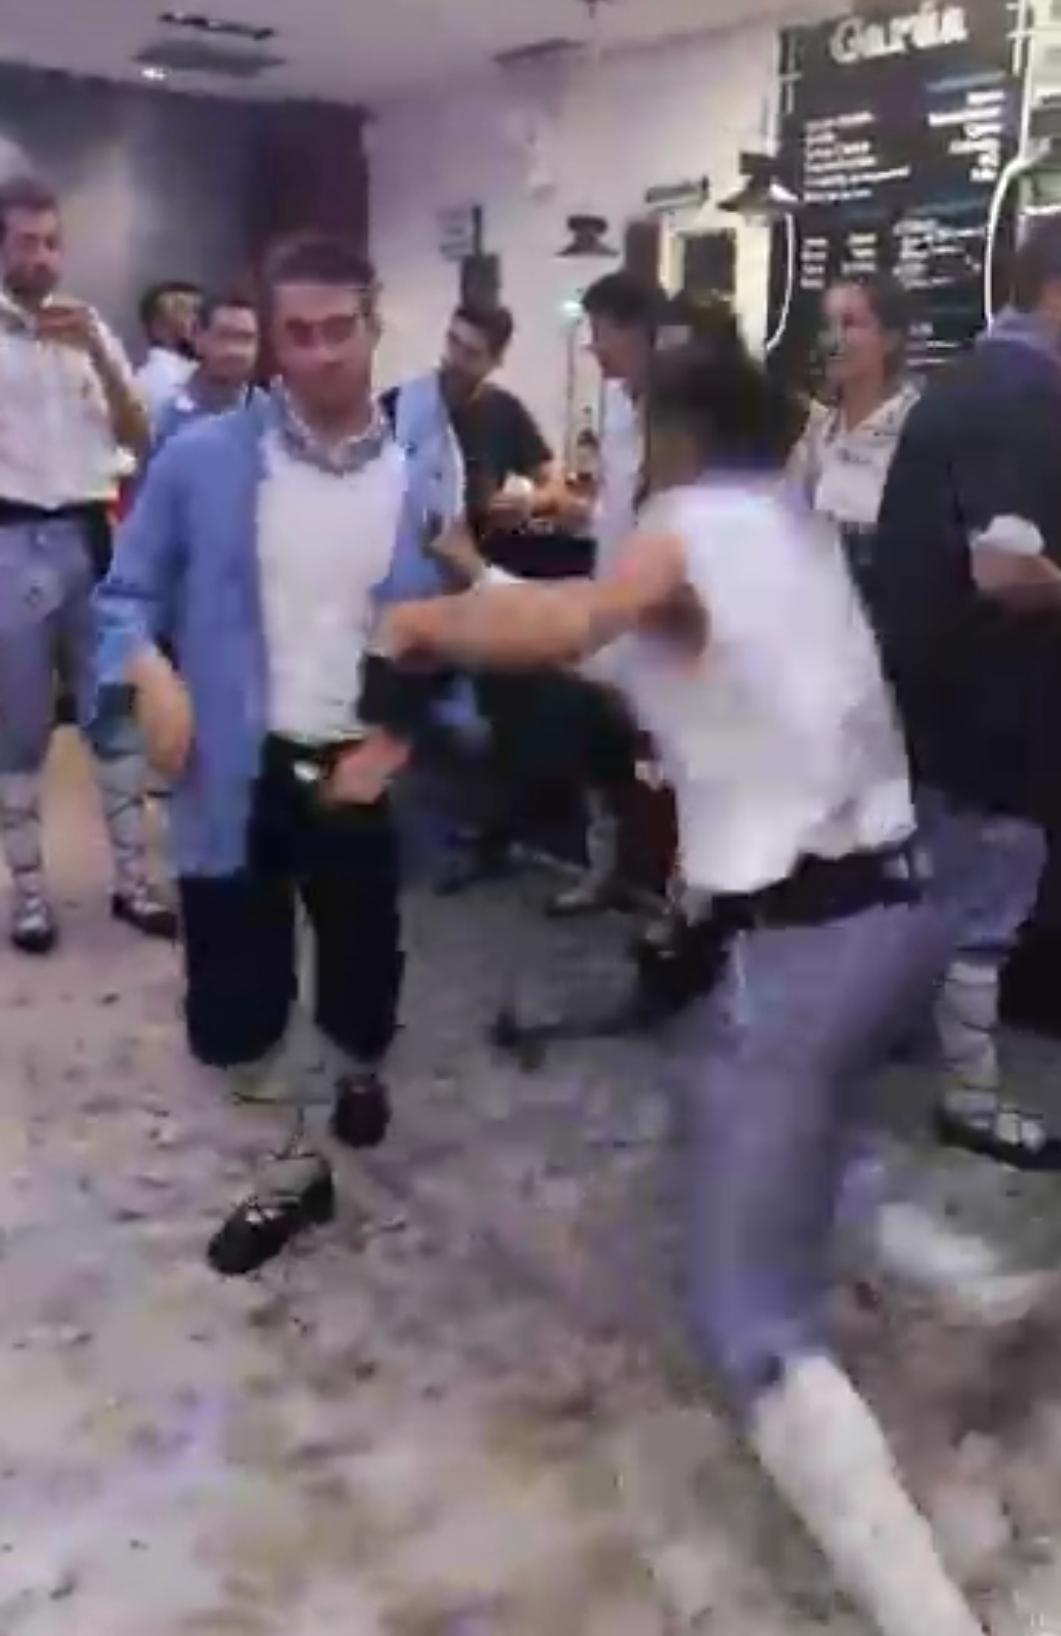 Cagadas Y Peos Videos Porno el espíritu de michael jackson sigue vivo en las fiestas de